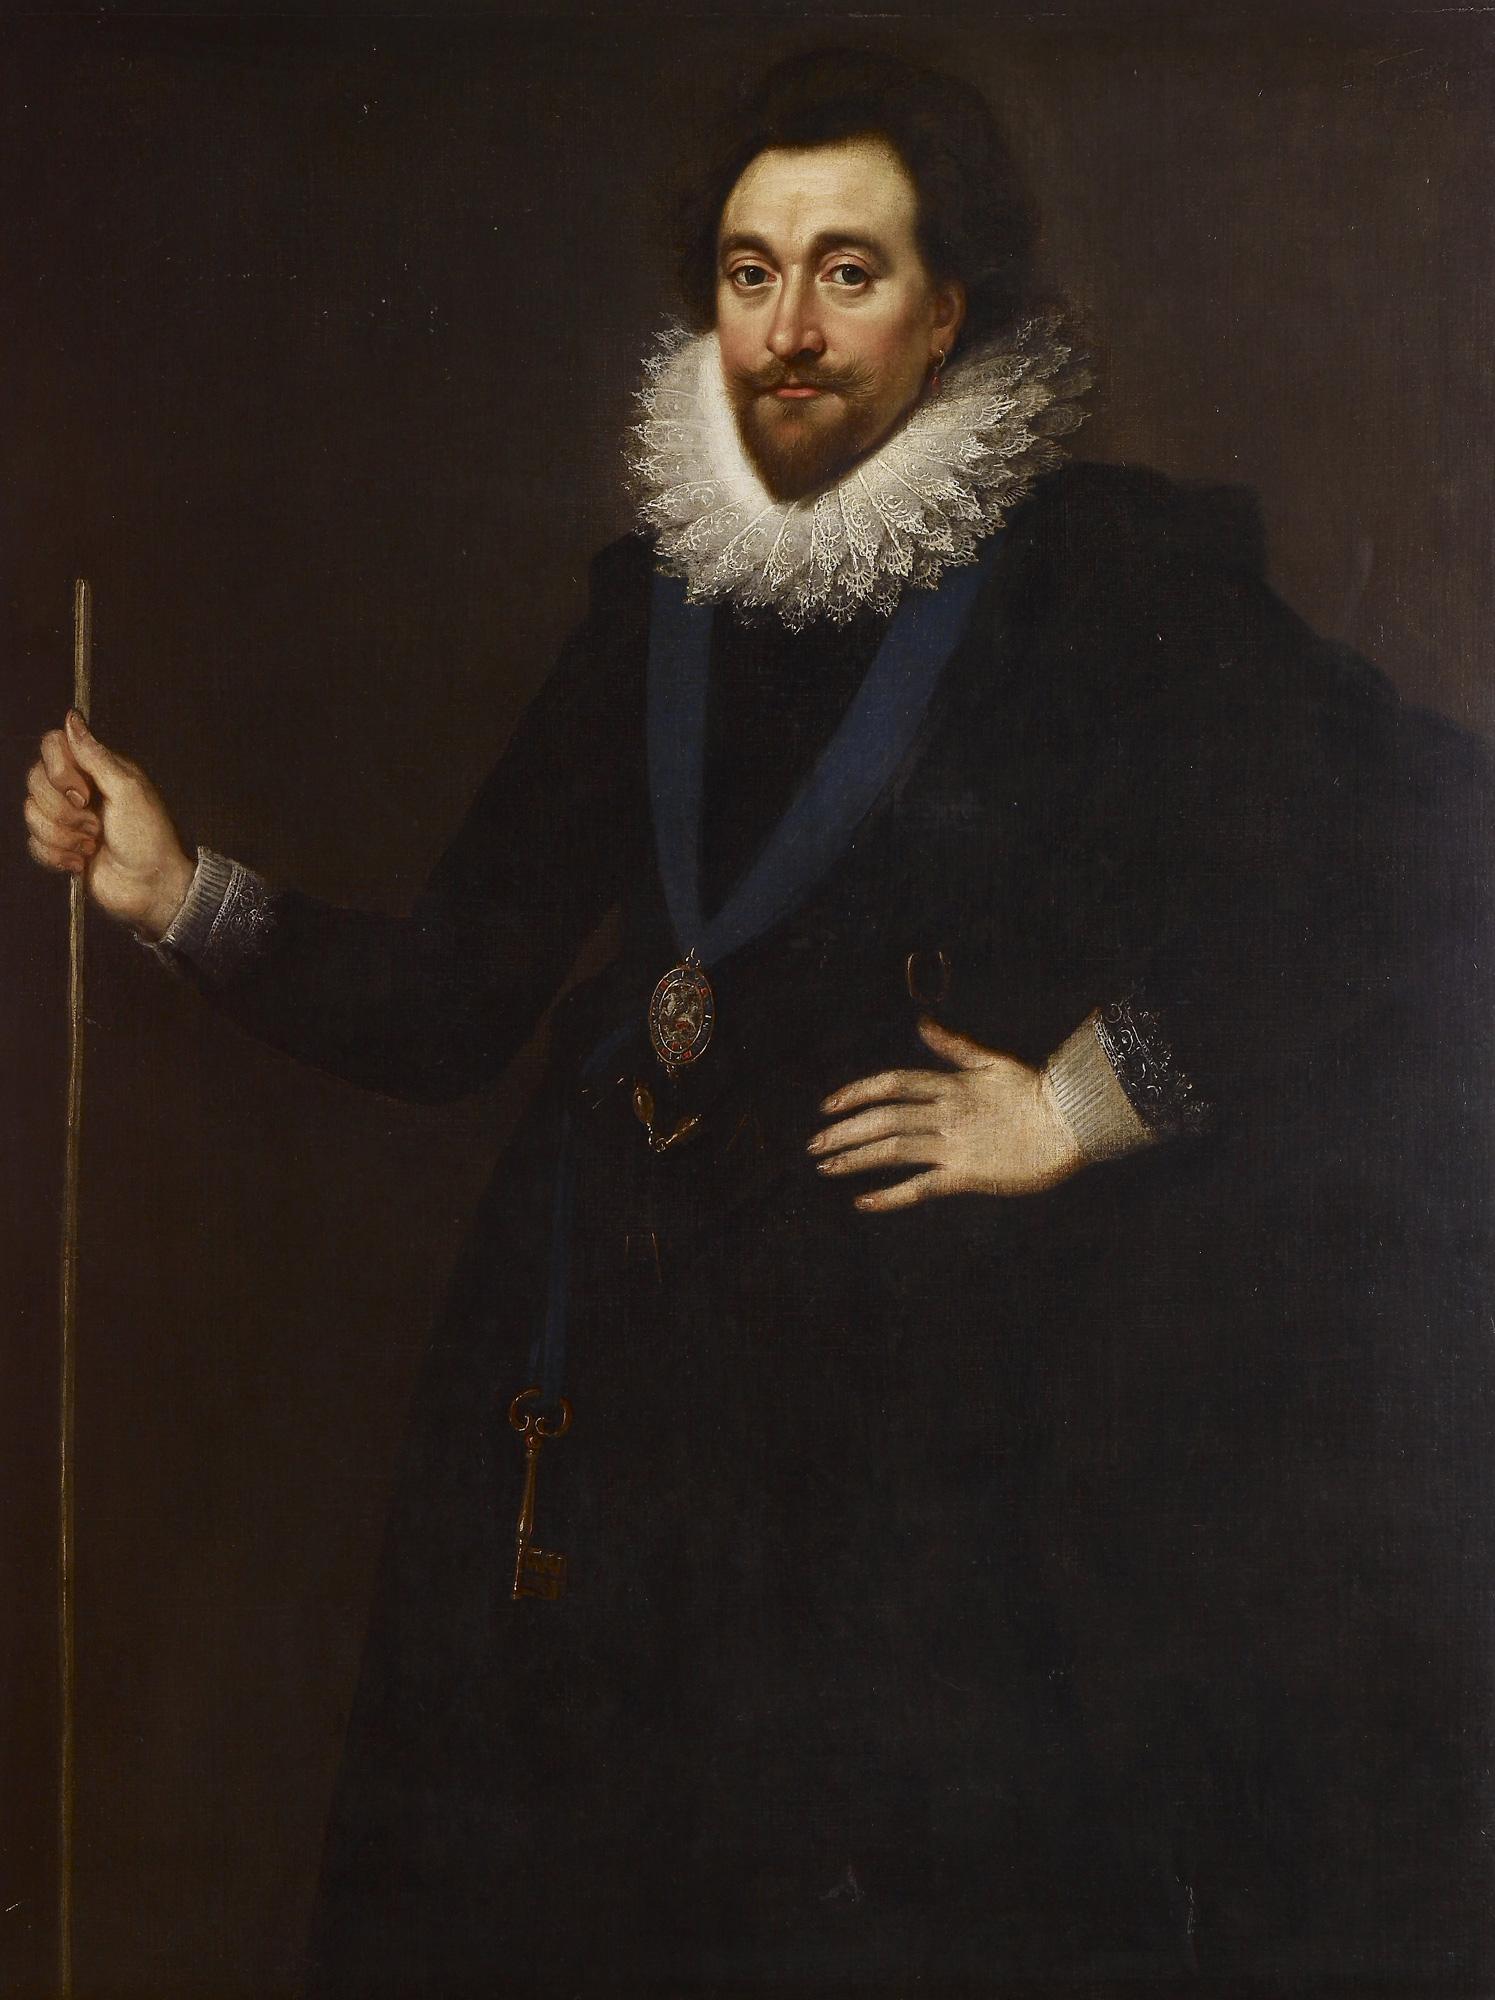 Уильям Герберт, 3-й граф Пембрук (1580 — 1630), издатель первого собрания сочинений Шекспира